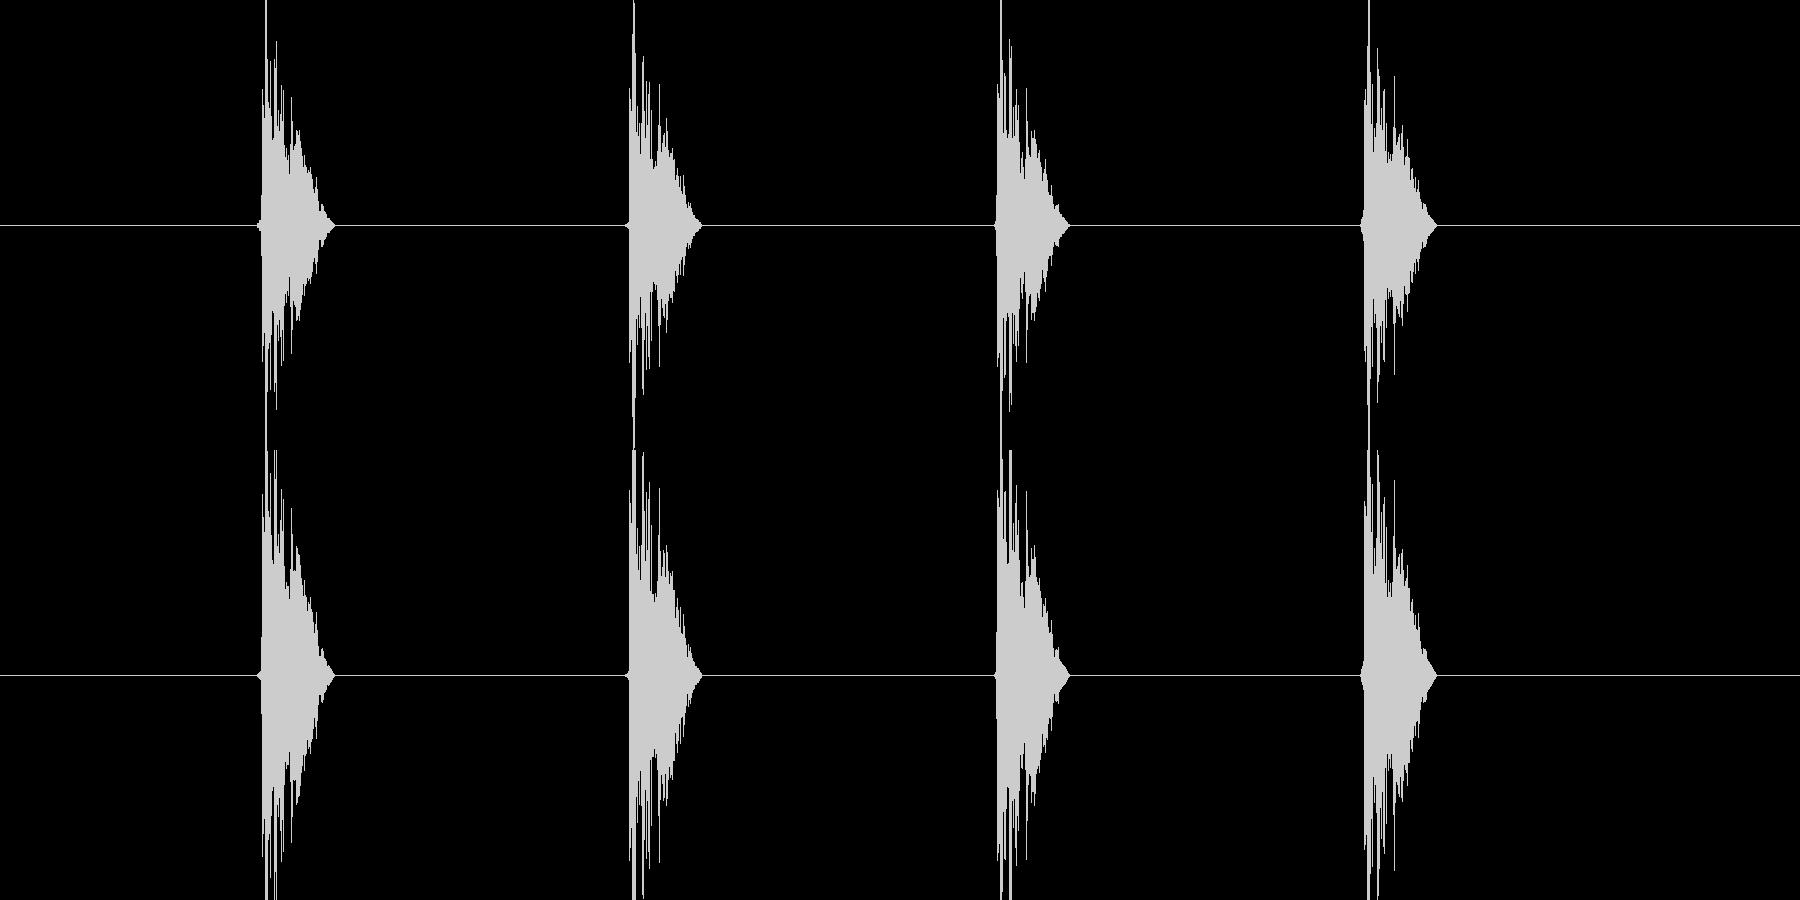 チッチッチッチッ(タンバリンの音)の未再生の波形